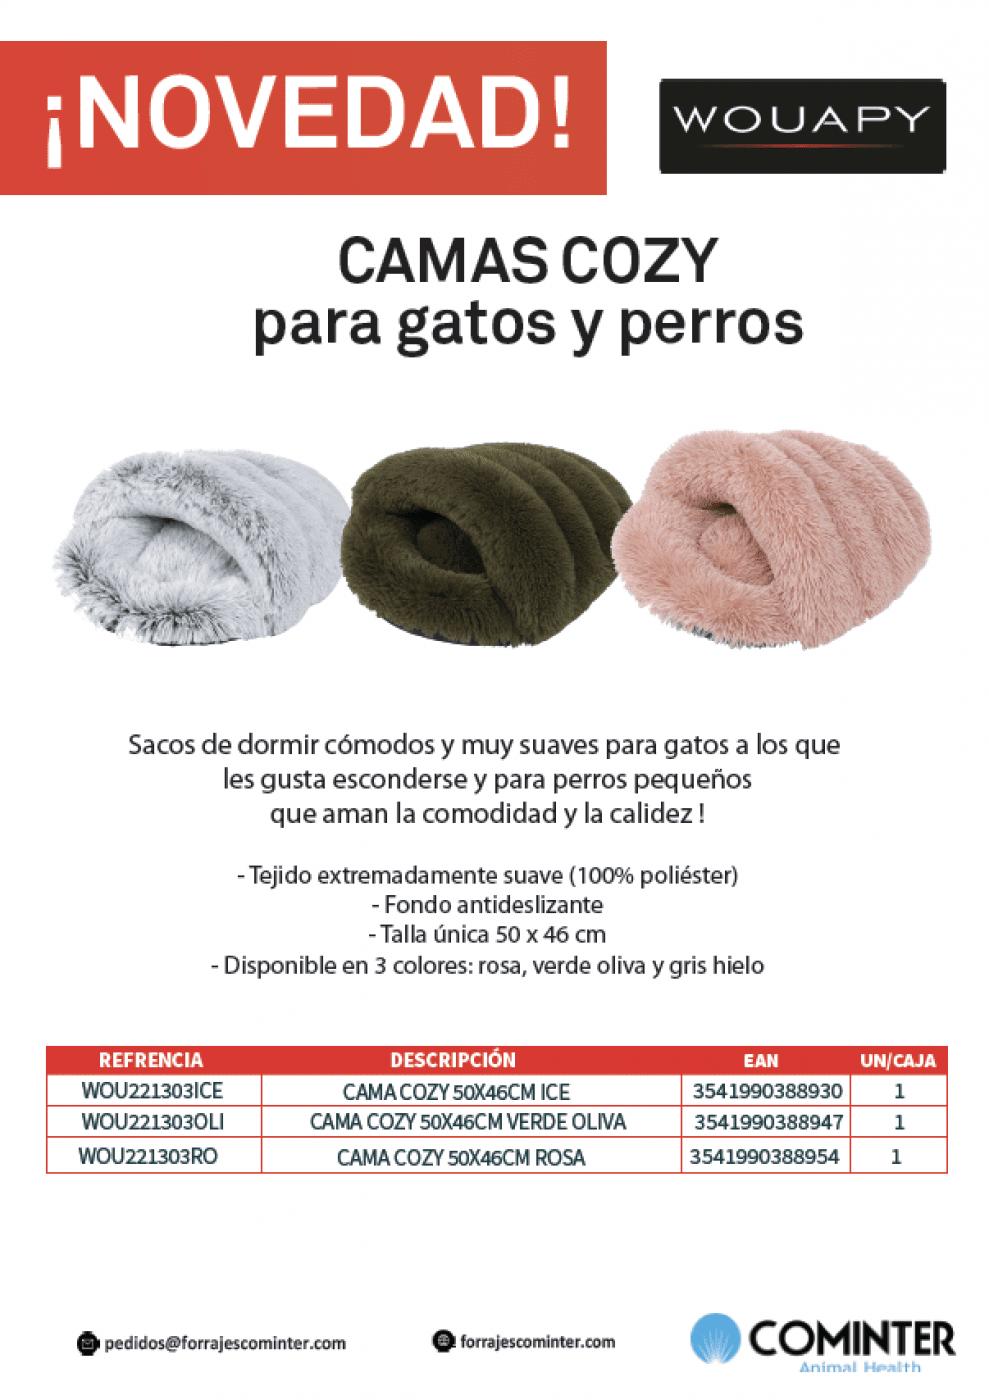 Novedad Camas Cozy